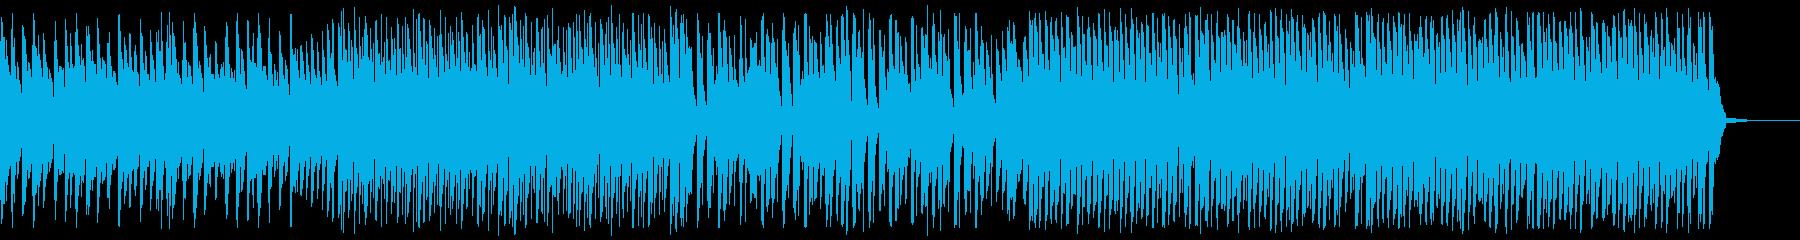 コミカルな探検BGM_No581_2の再生済みの波形